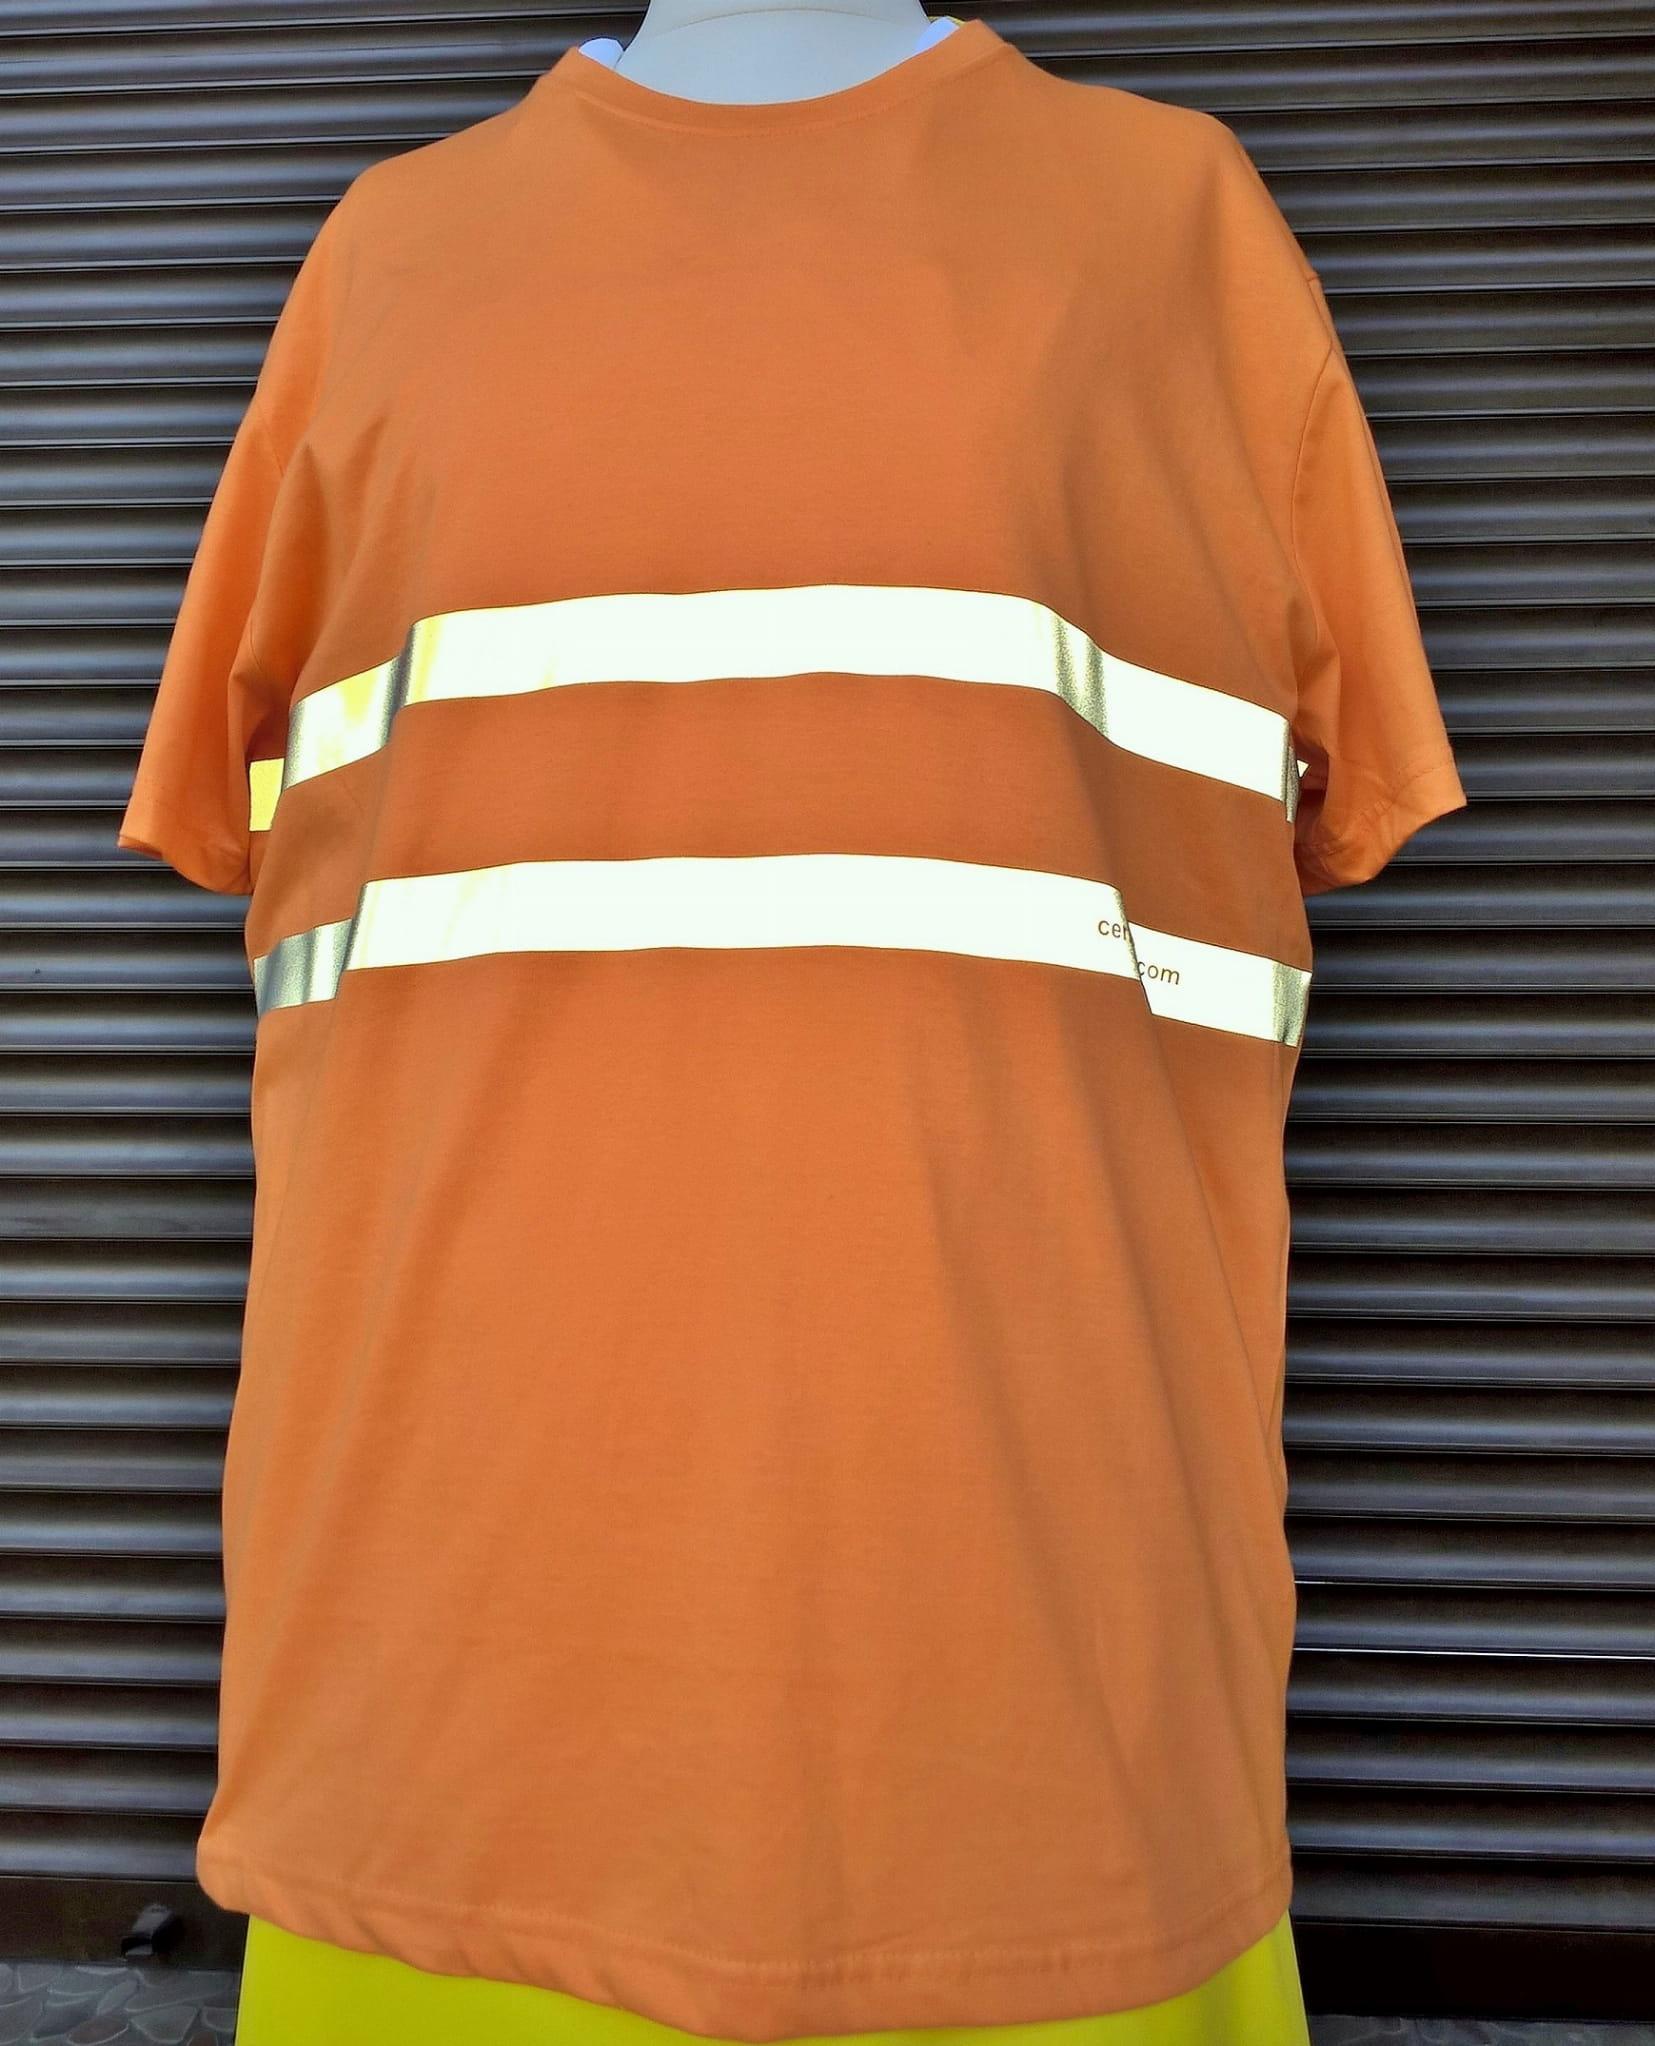 590e82a20b0d31 T-shirt męski- odblaskowy - bawełna 100 % gramatura 185g/m2!, CERTUS ...